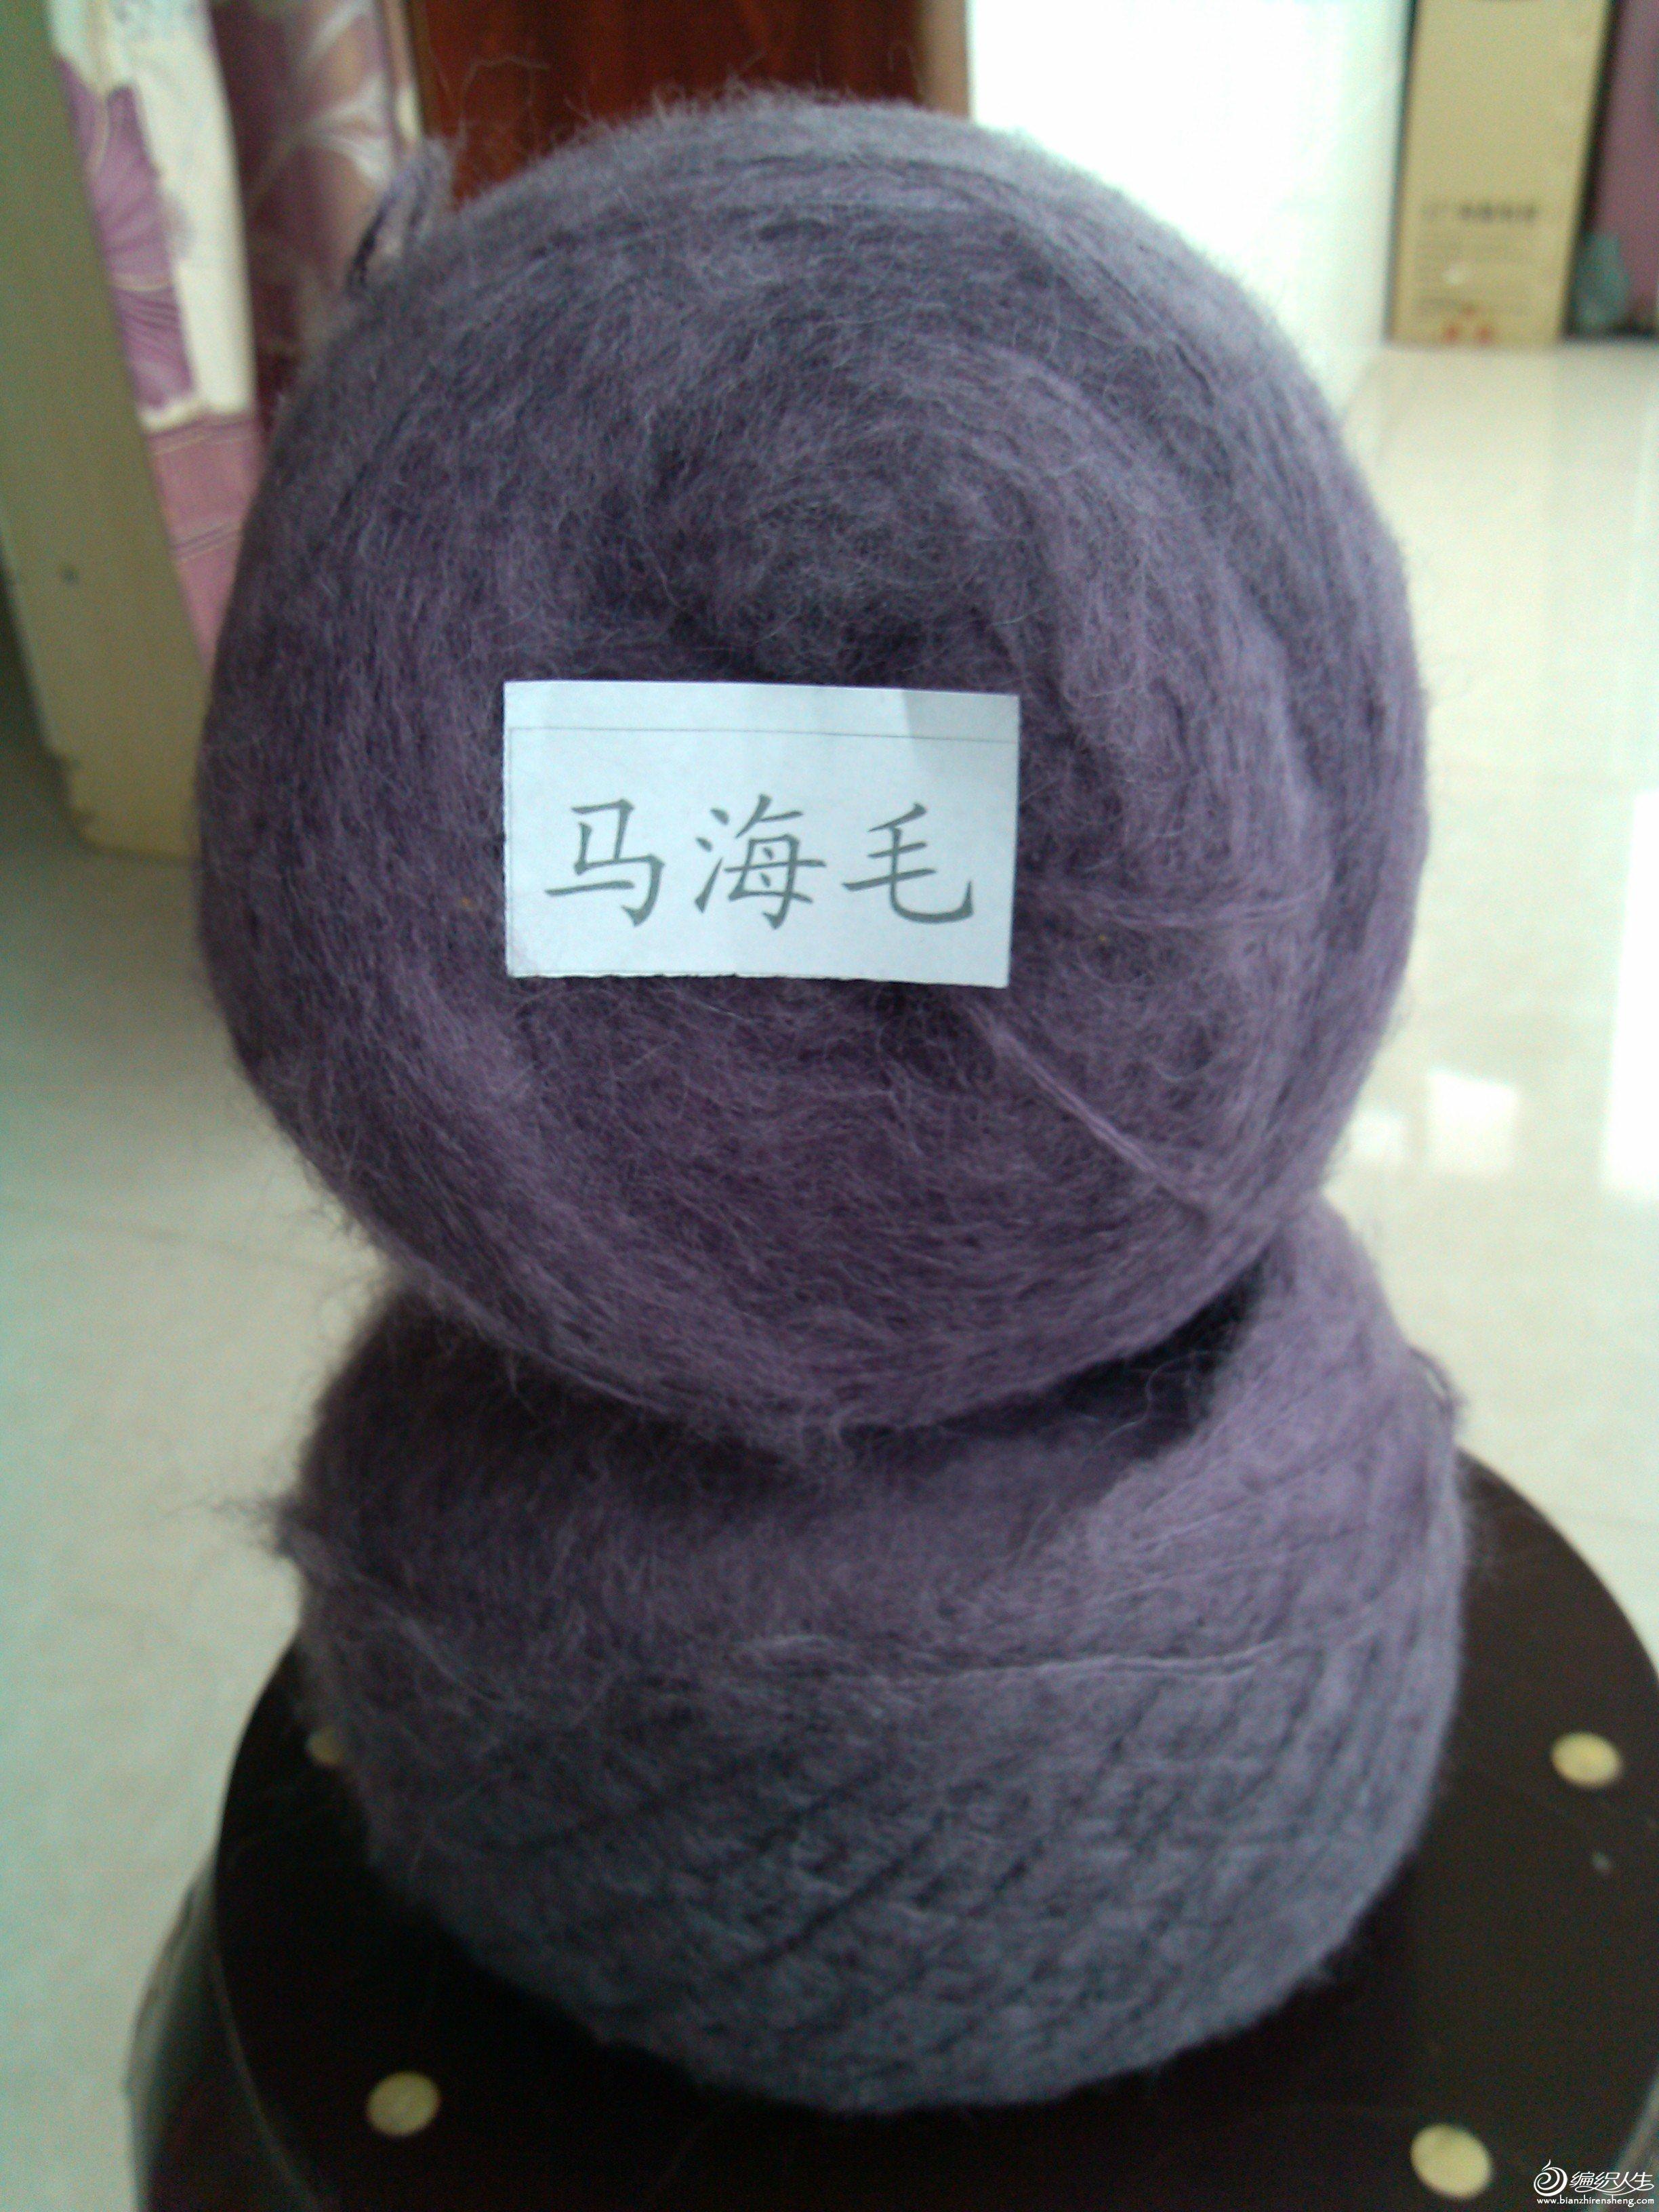 紫马海毛.jpg